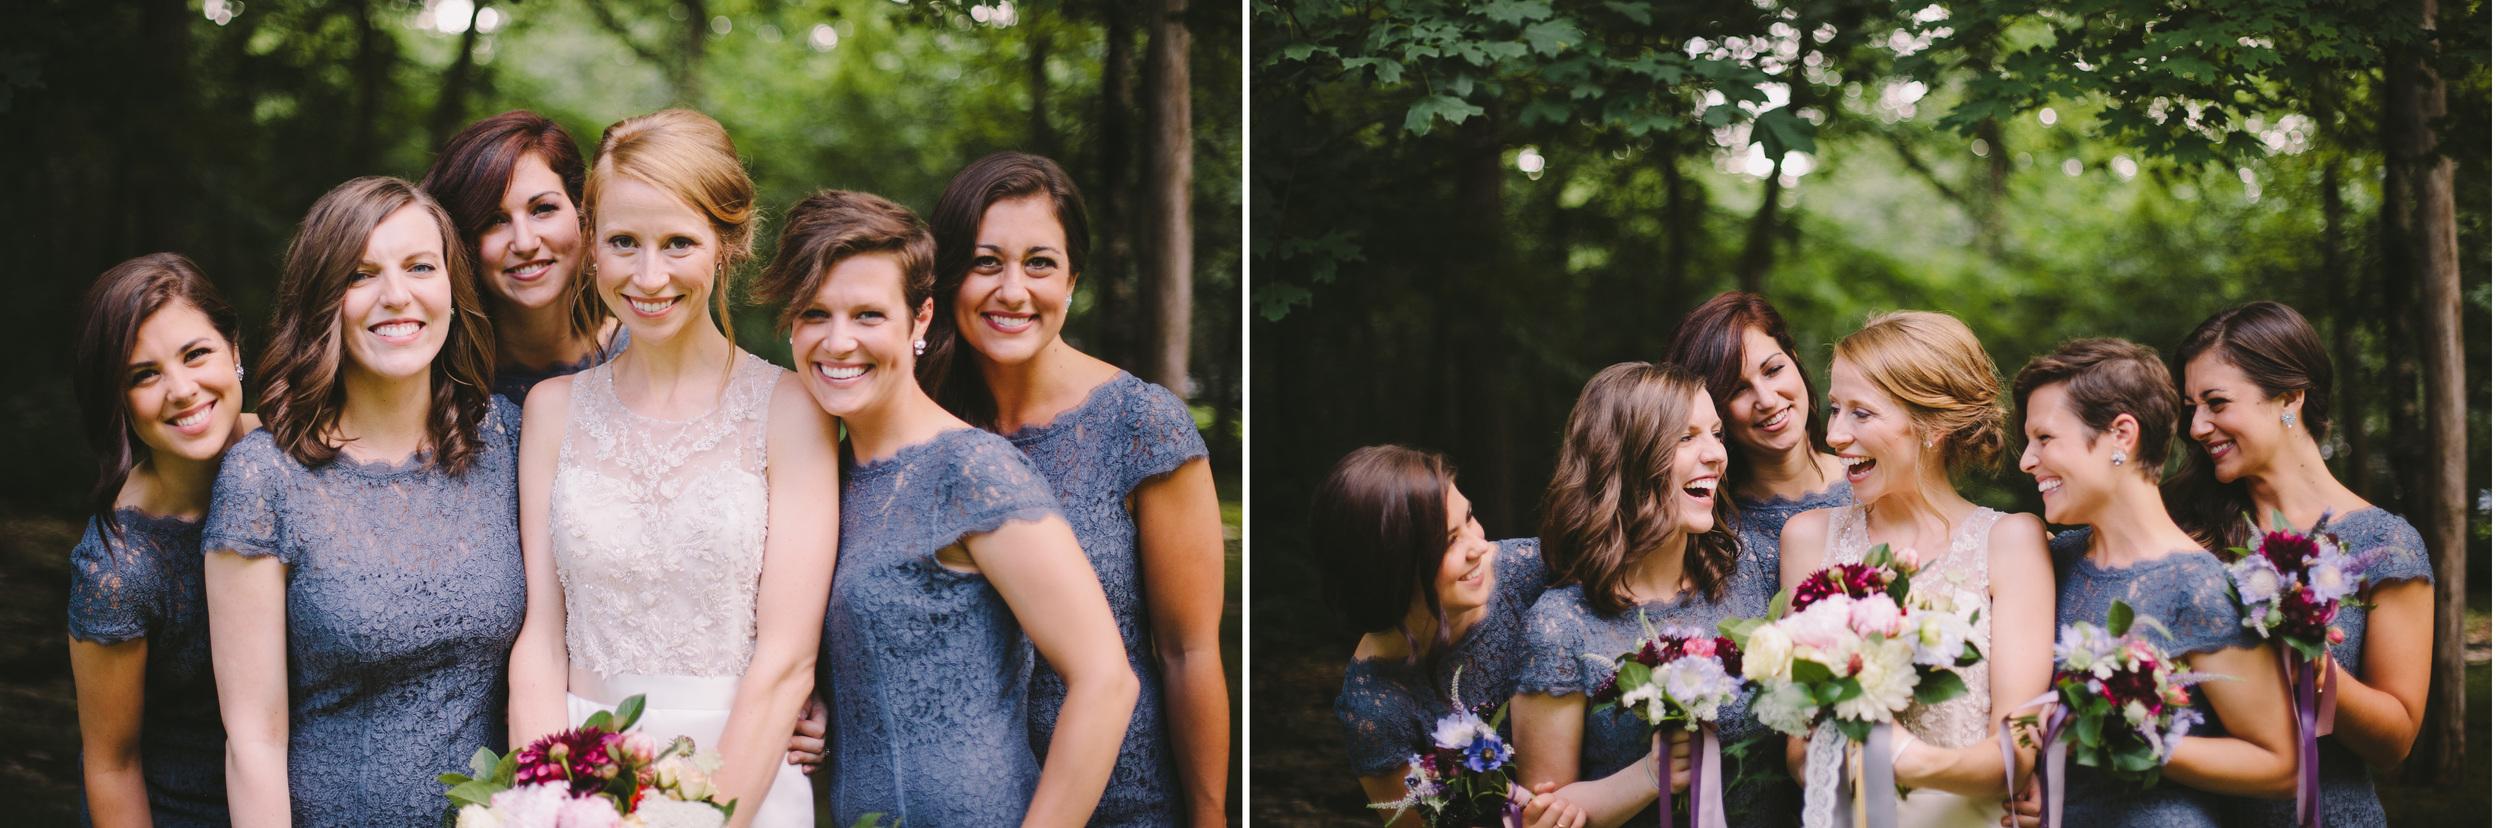 Laura + Mark Wedding Nashville Wedding Photographer Photography Anthology-56 copy.jpg